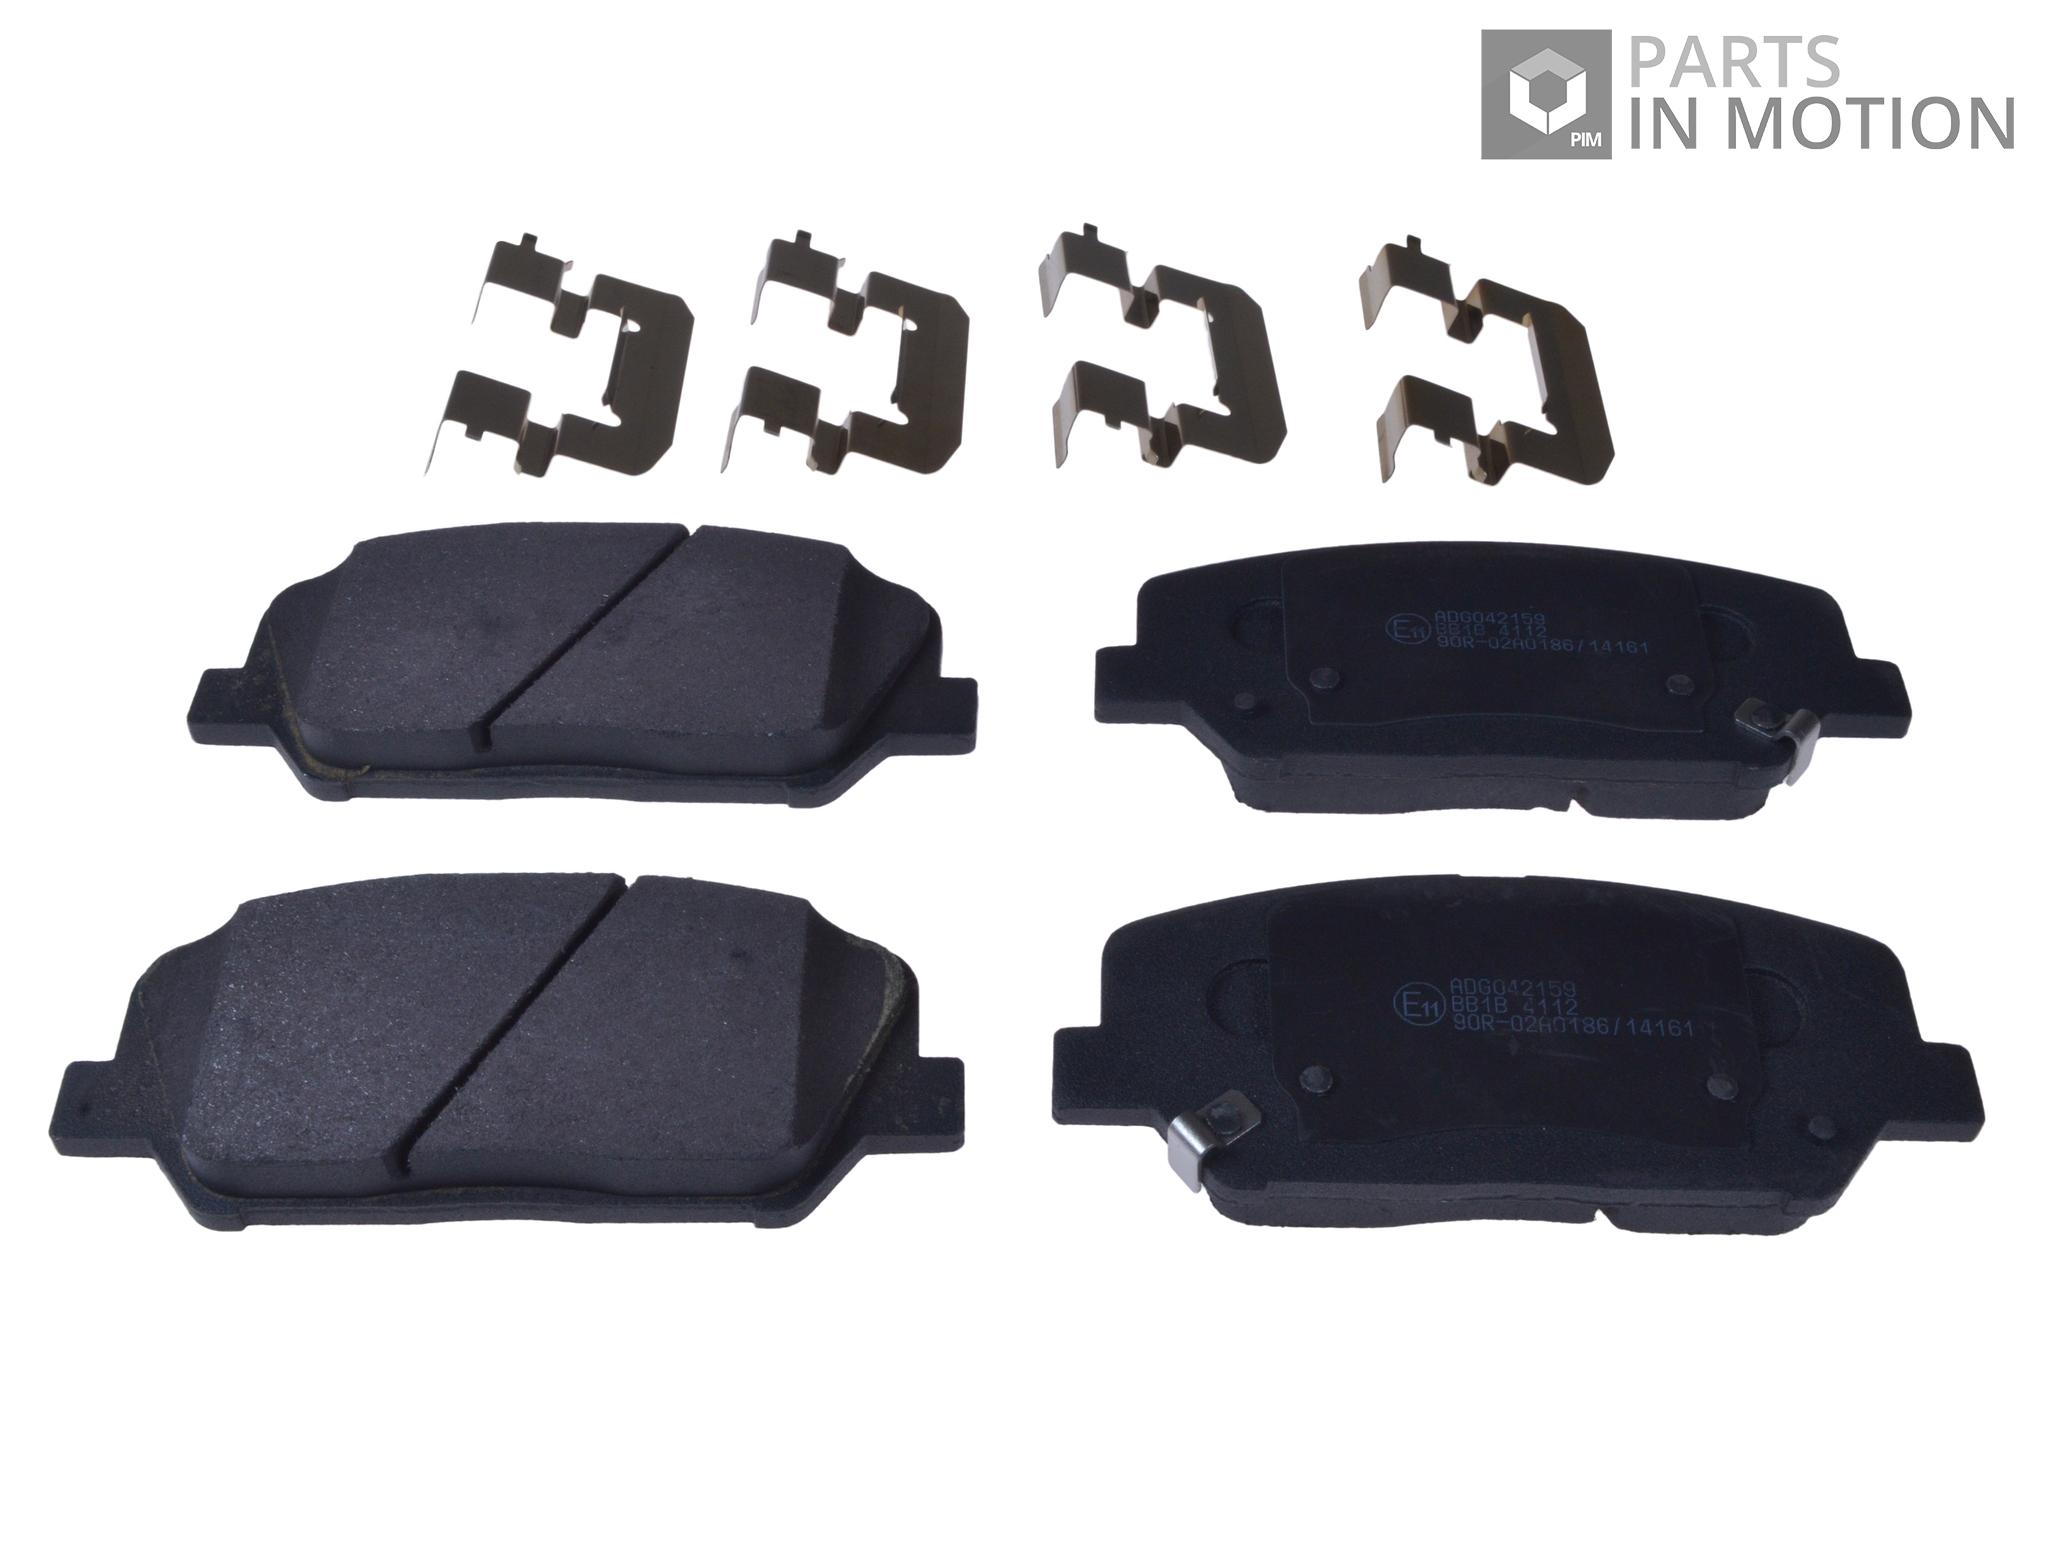 Fits Kia Cee/'D 1.6 GT Genuine OE Quality Apec Rear Brake Pad Fitting Kit